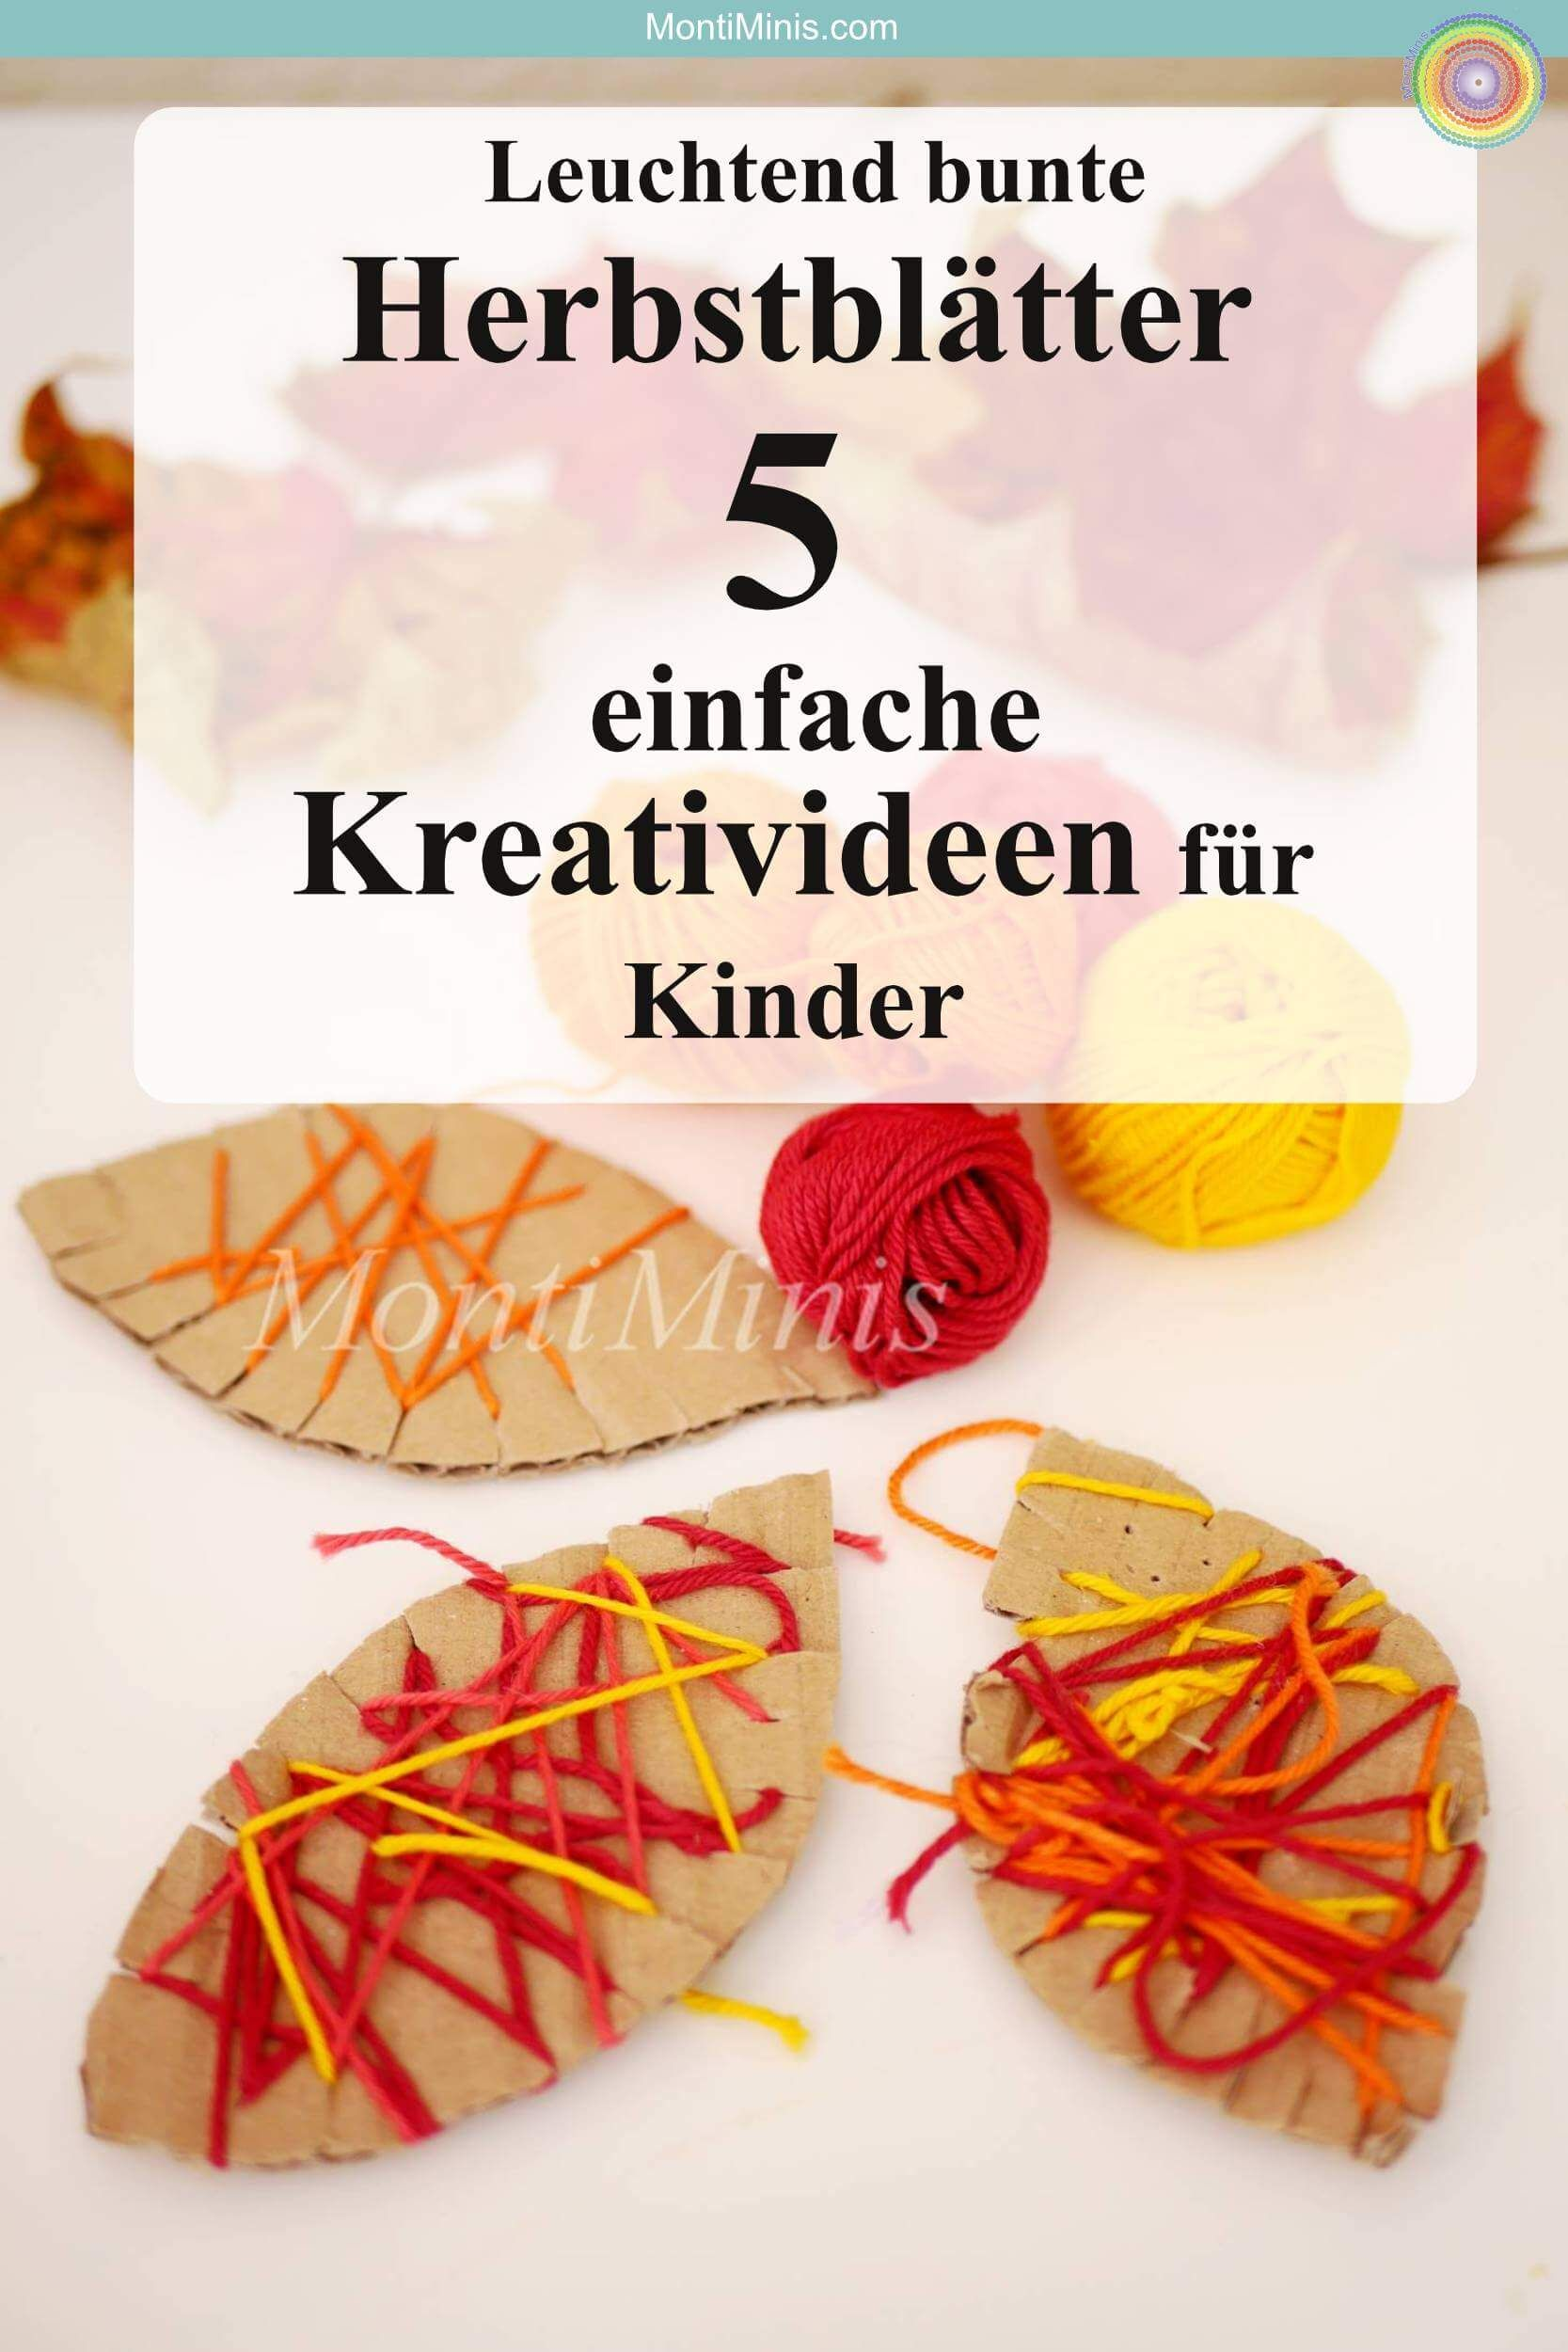 Herbstblätter: 5 einfache kreative Ideen für Kinder - Montessori Blog & Shop - MontiMinis